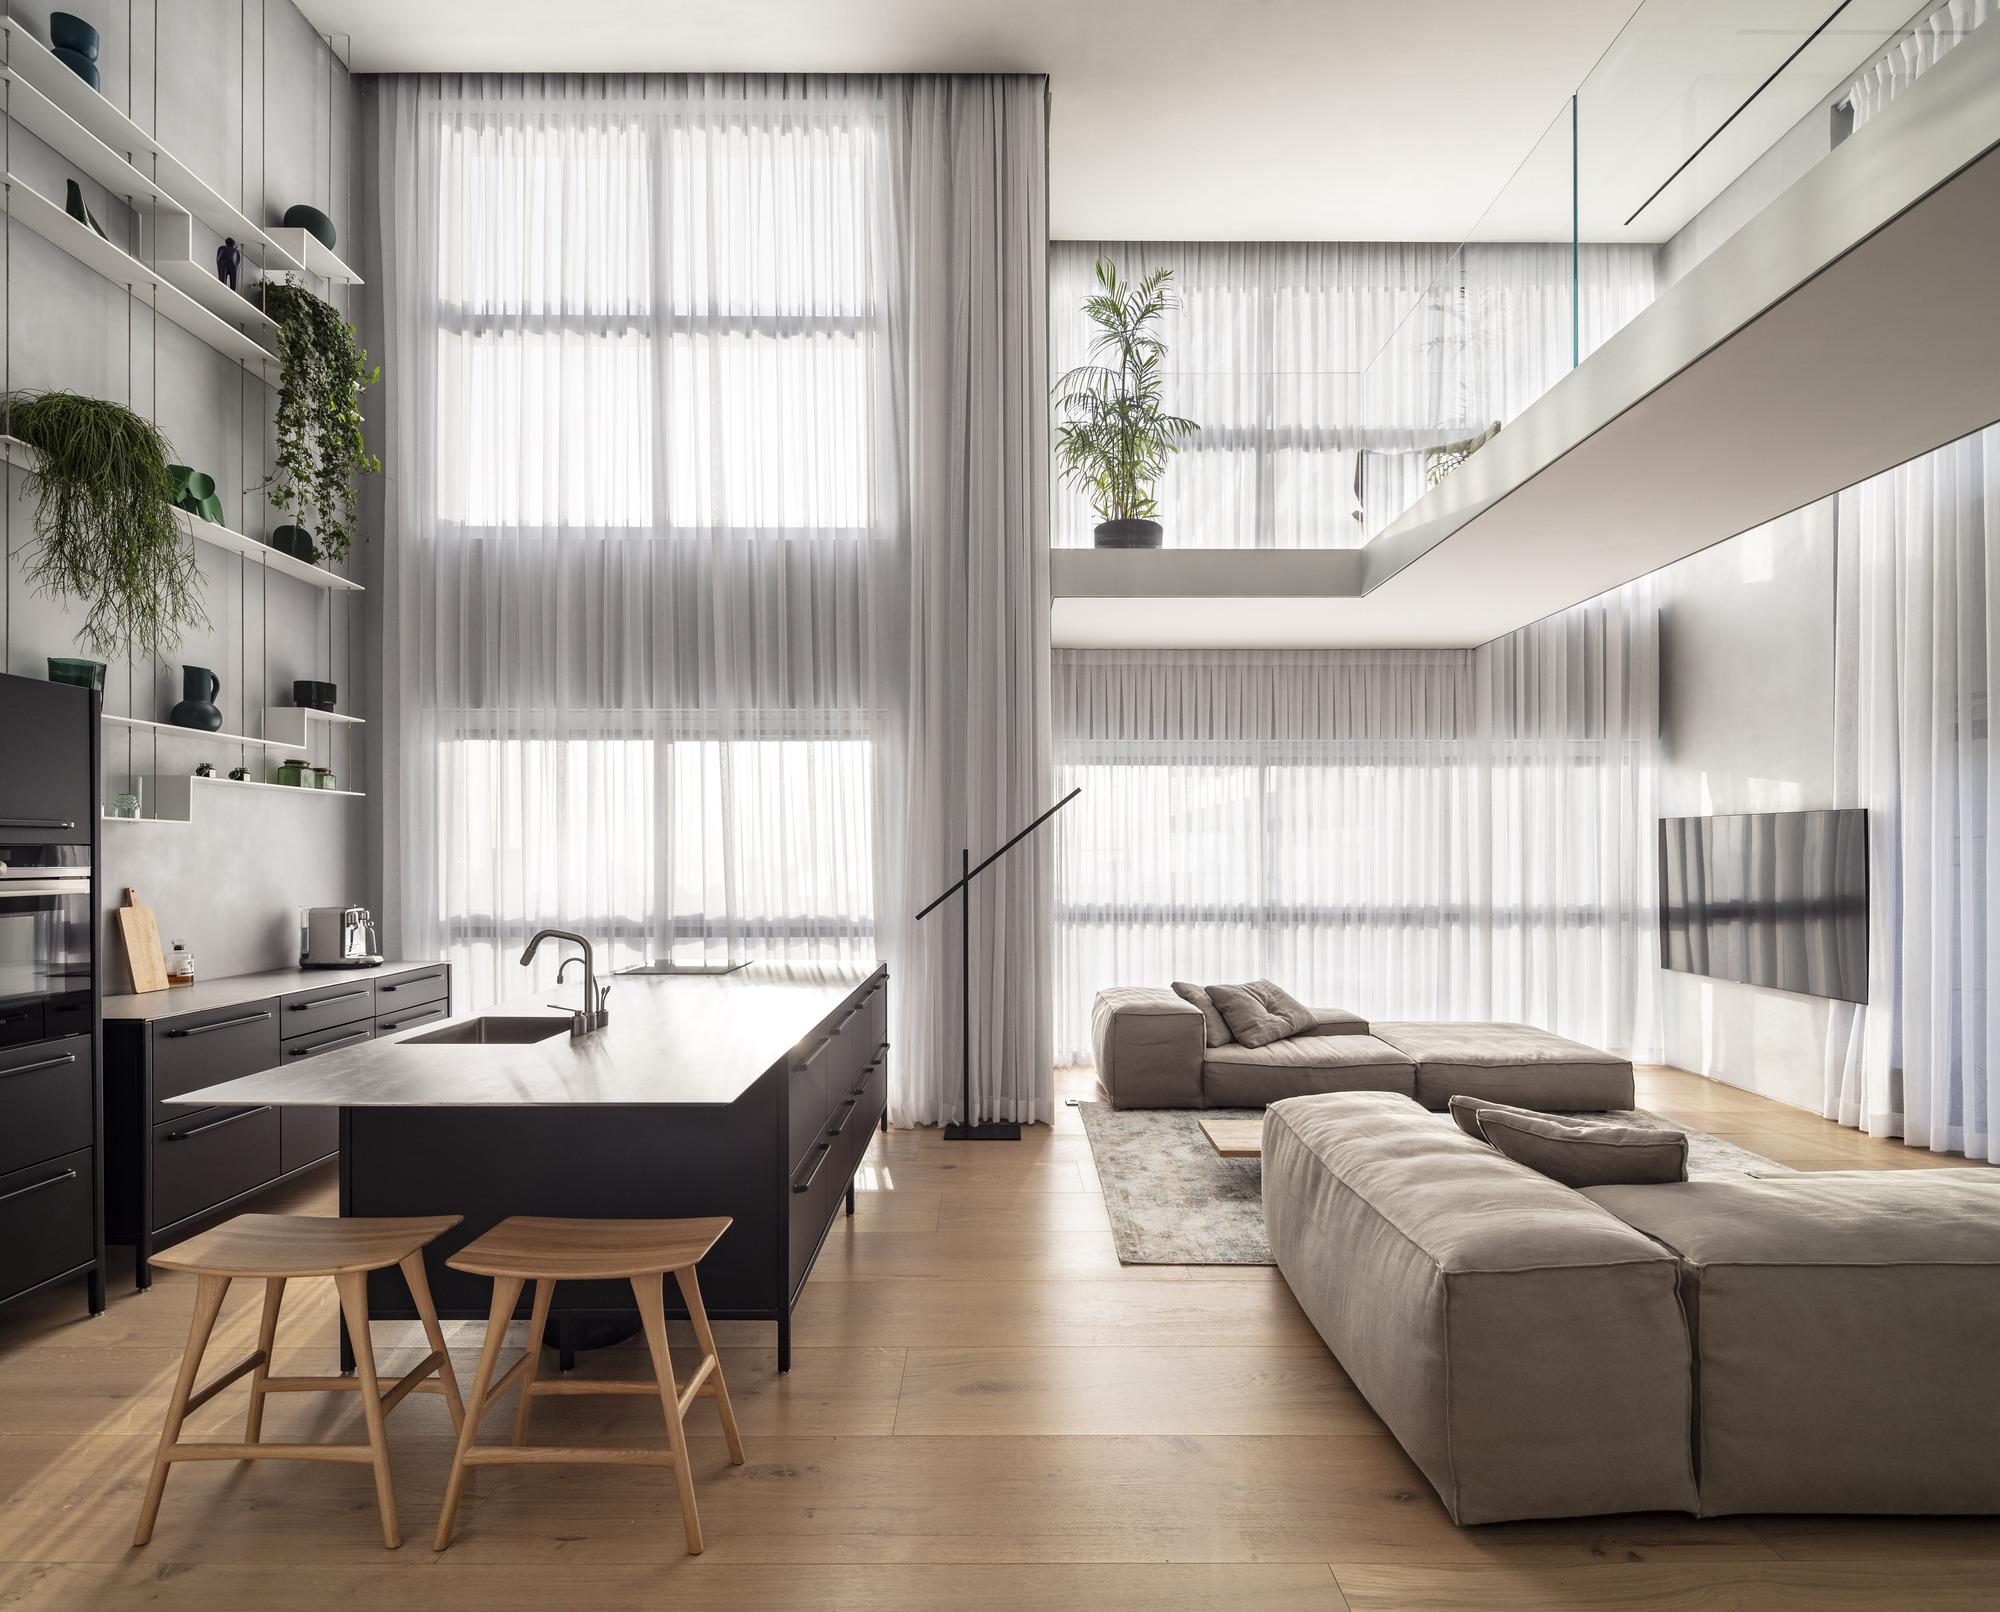 The Glass Blocks Duplex / Tal Goldsmith Fish Design Studio